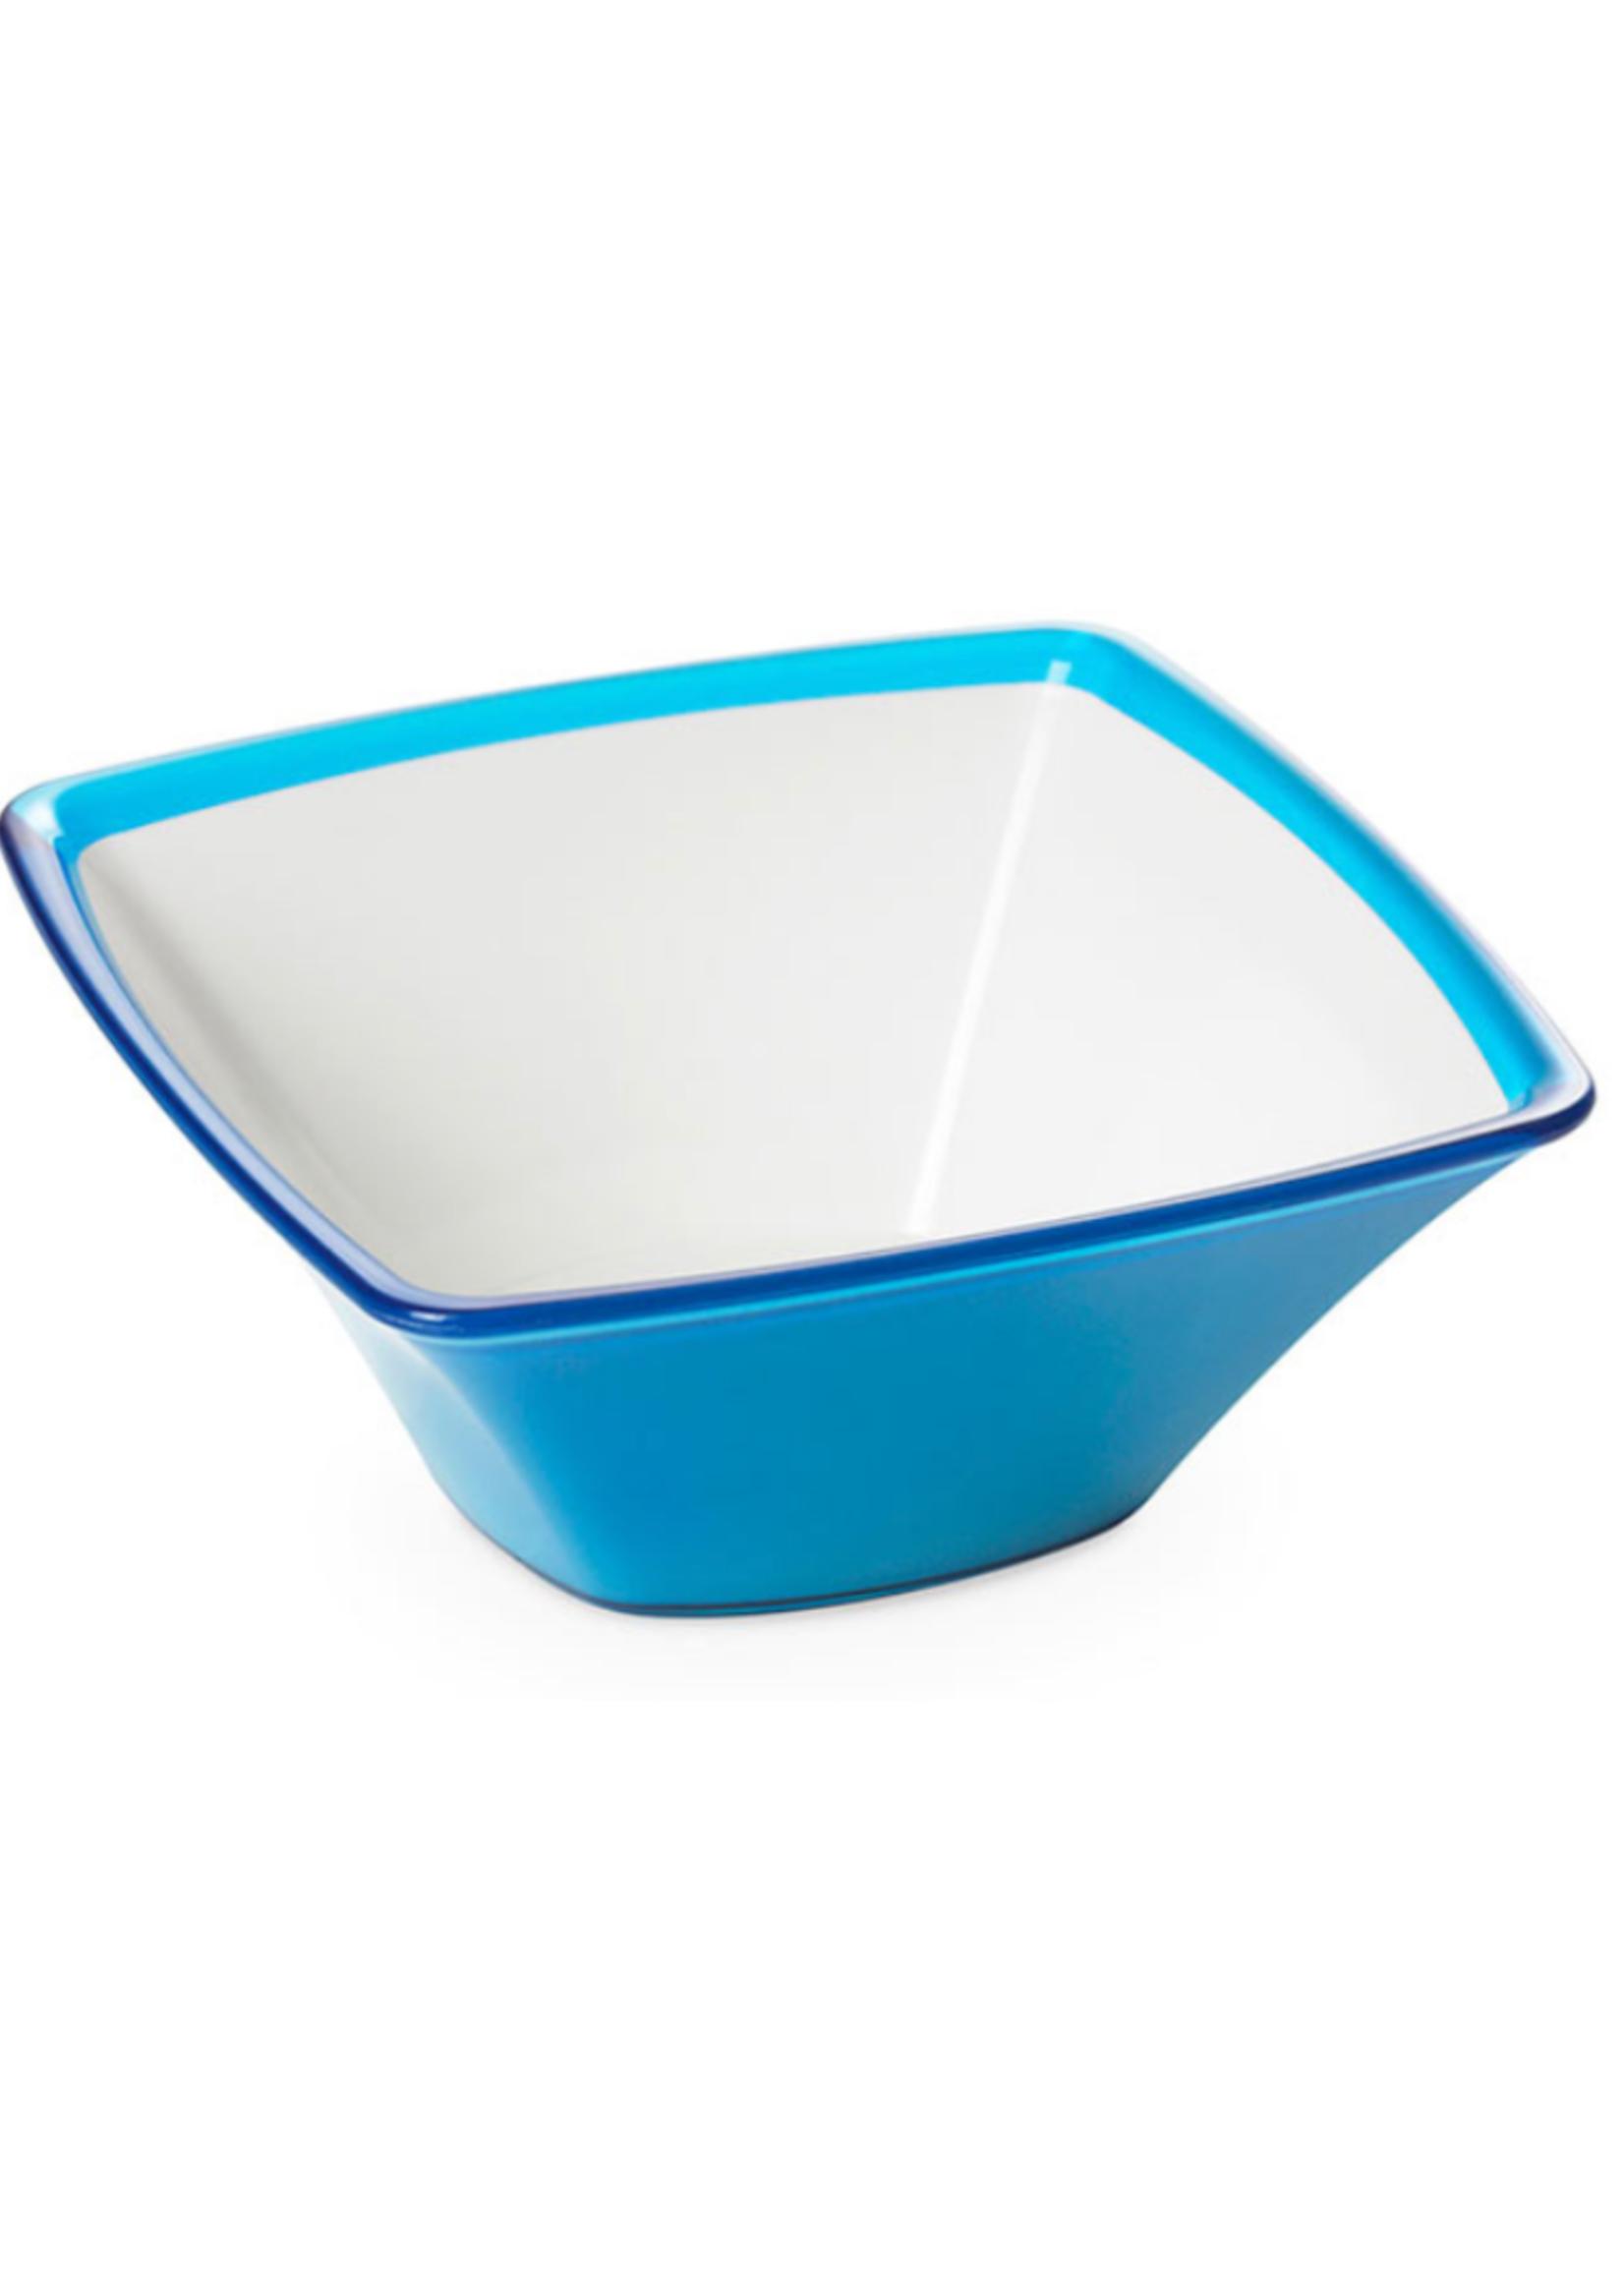 Square Medium Acrylic Bowl // Turquoise